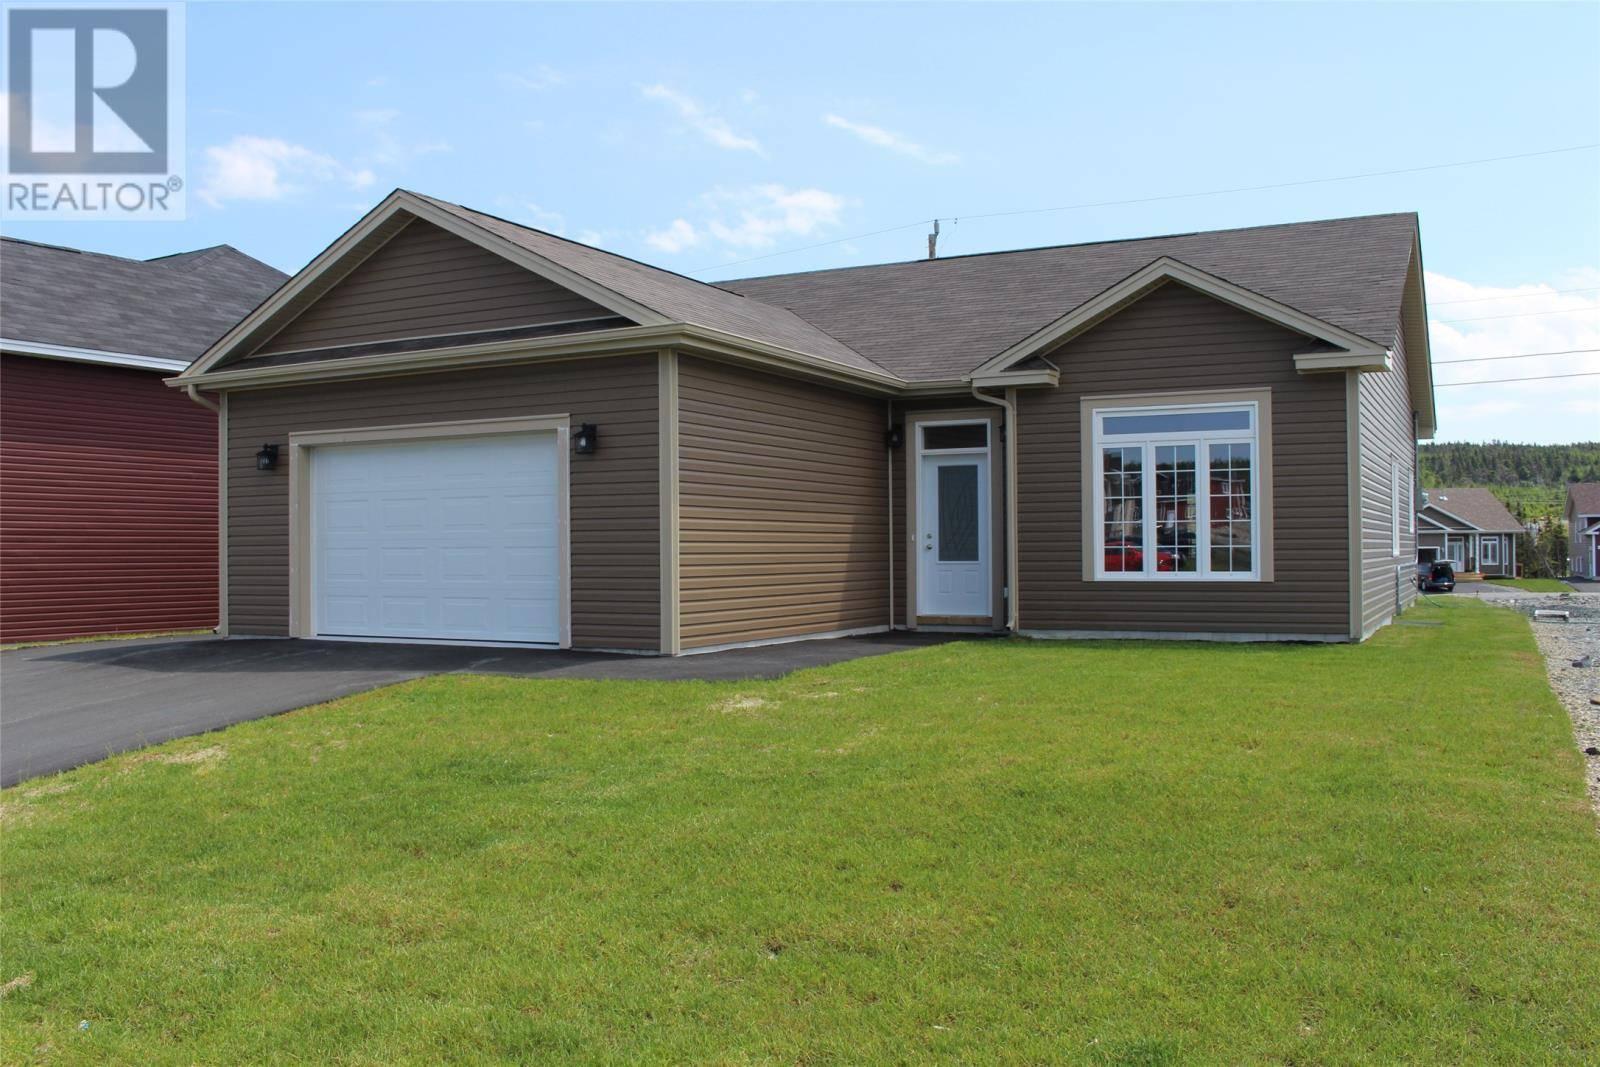 House for sale at 7 Henry Larsen St St. John's Newfoundland - MLS: 1182795